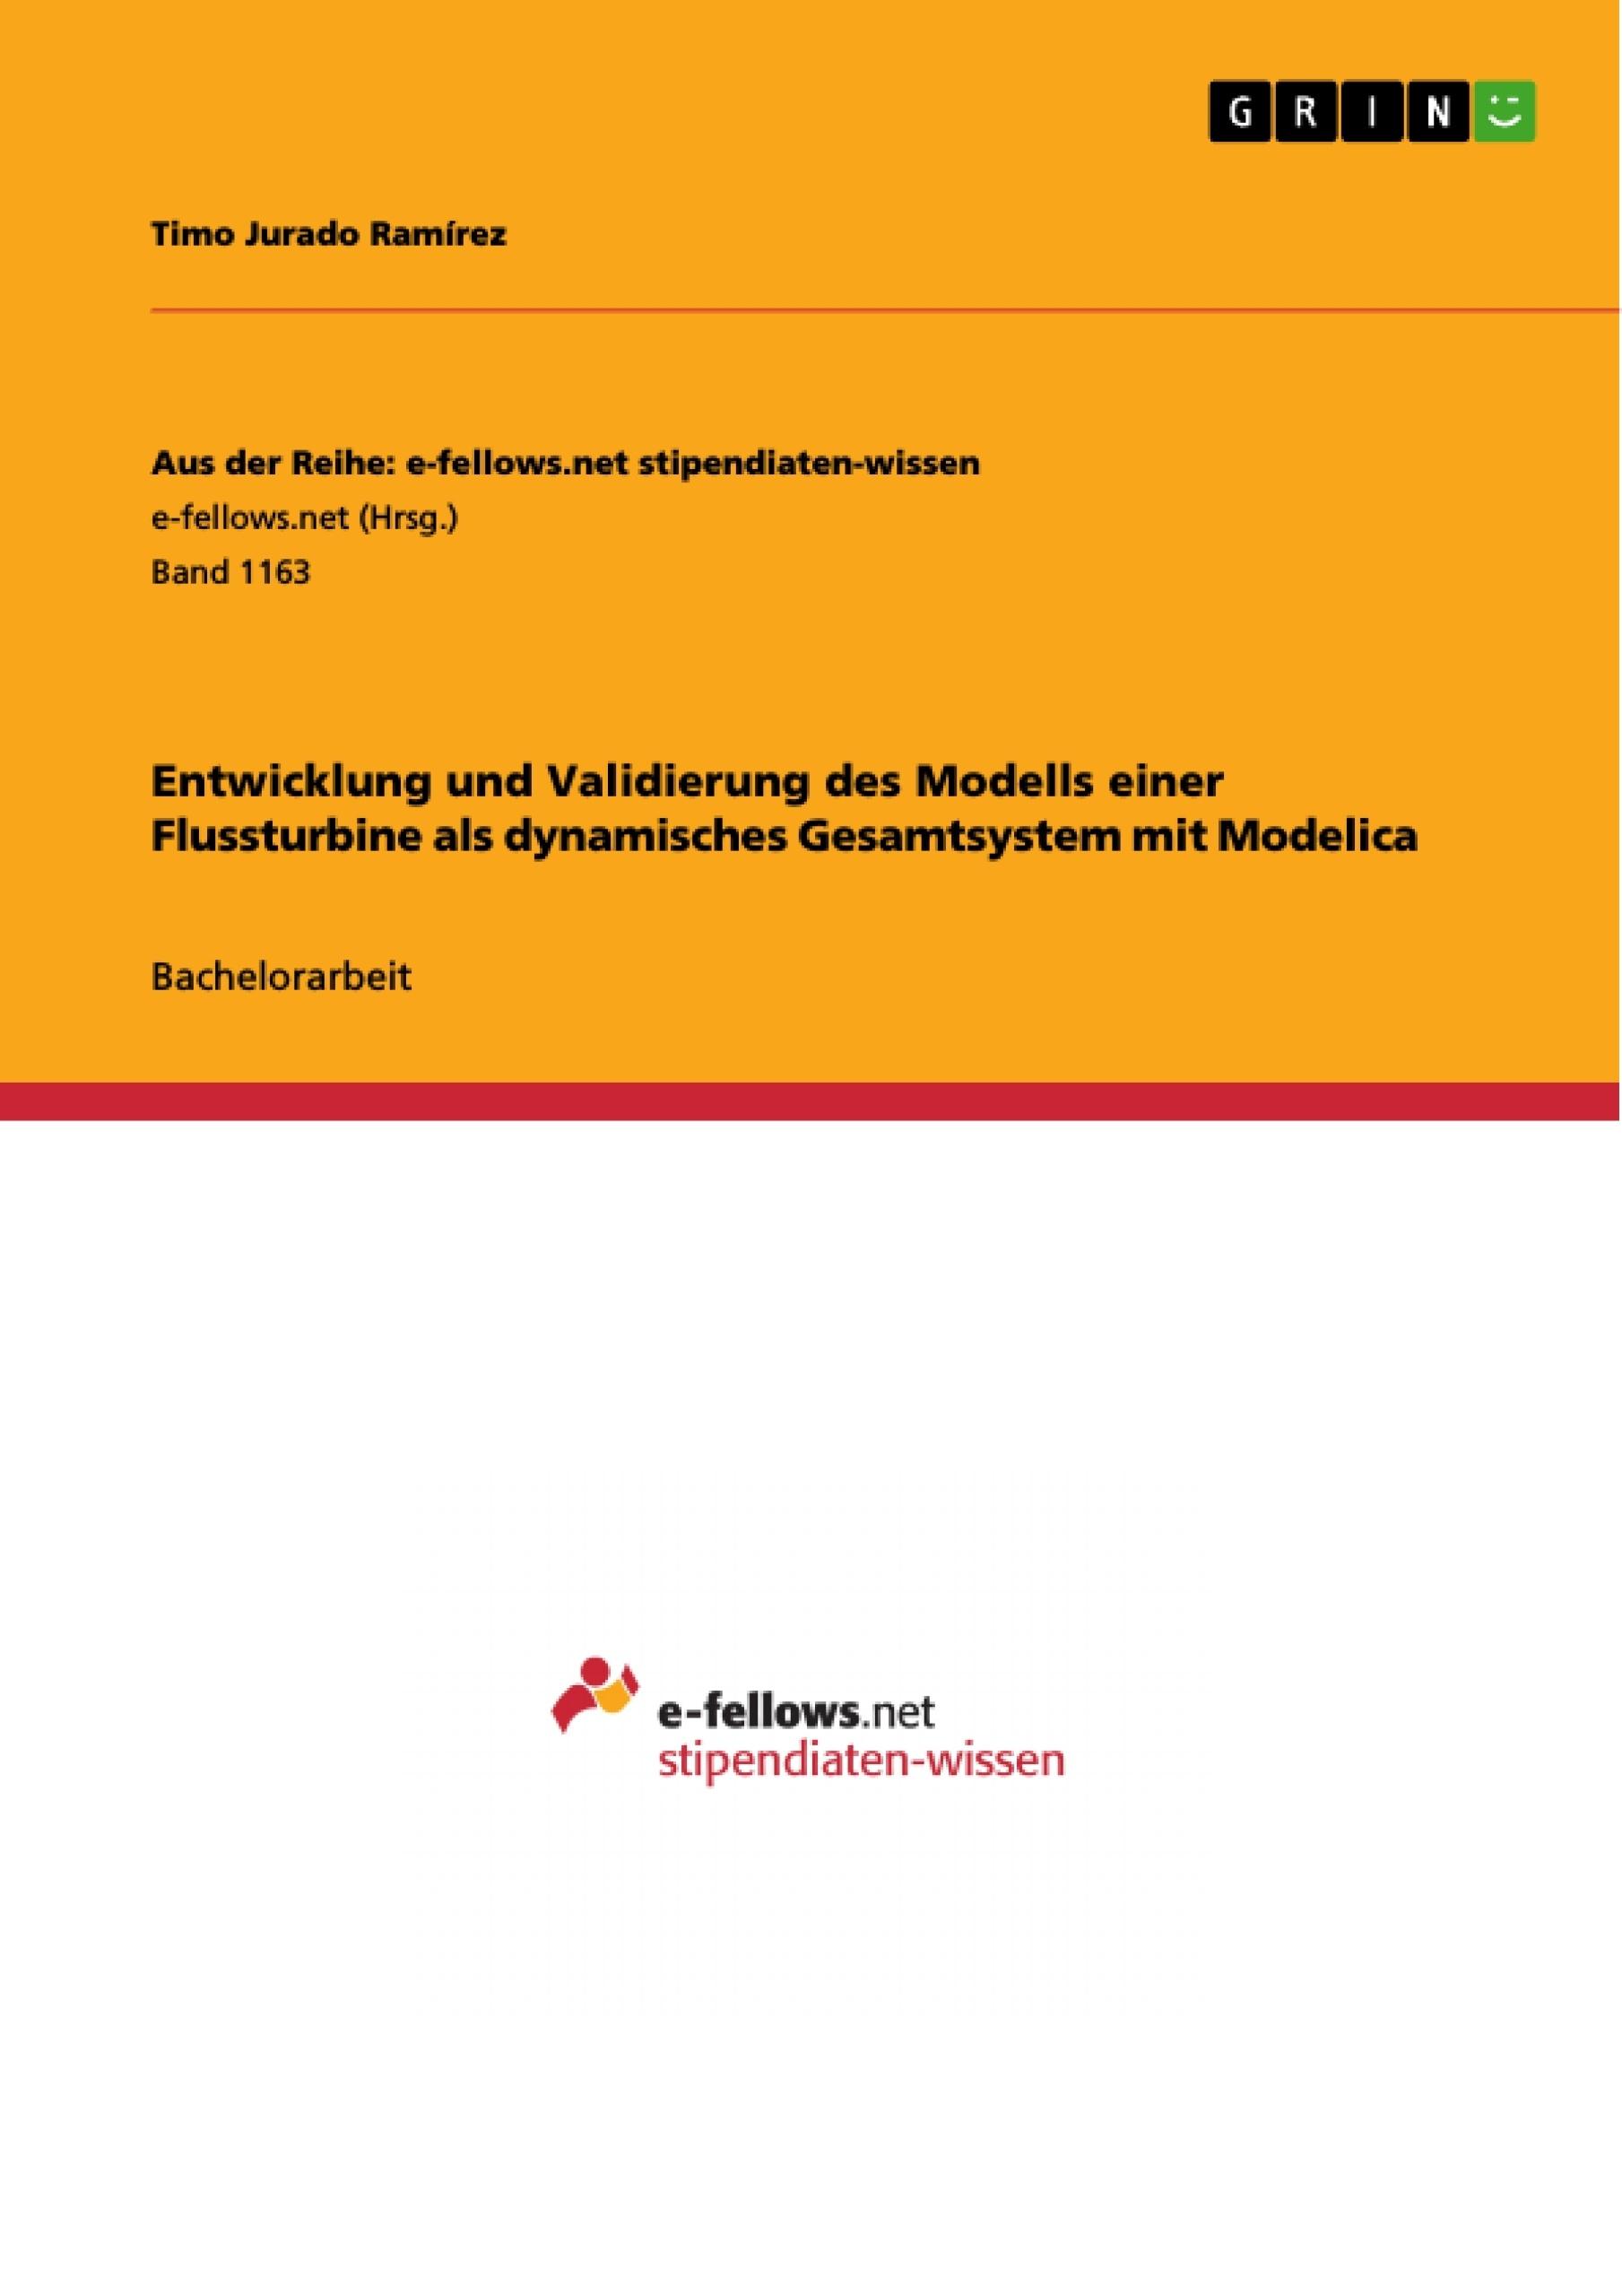 Titel: Entwicklung und Validierung des Modells einer Flussturbine als dynamisches Gesamtsystem mit Modelica